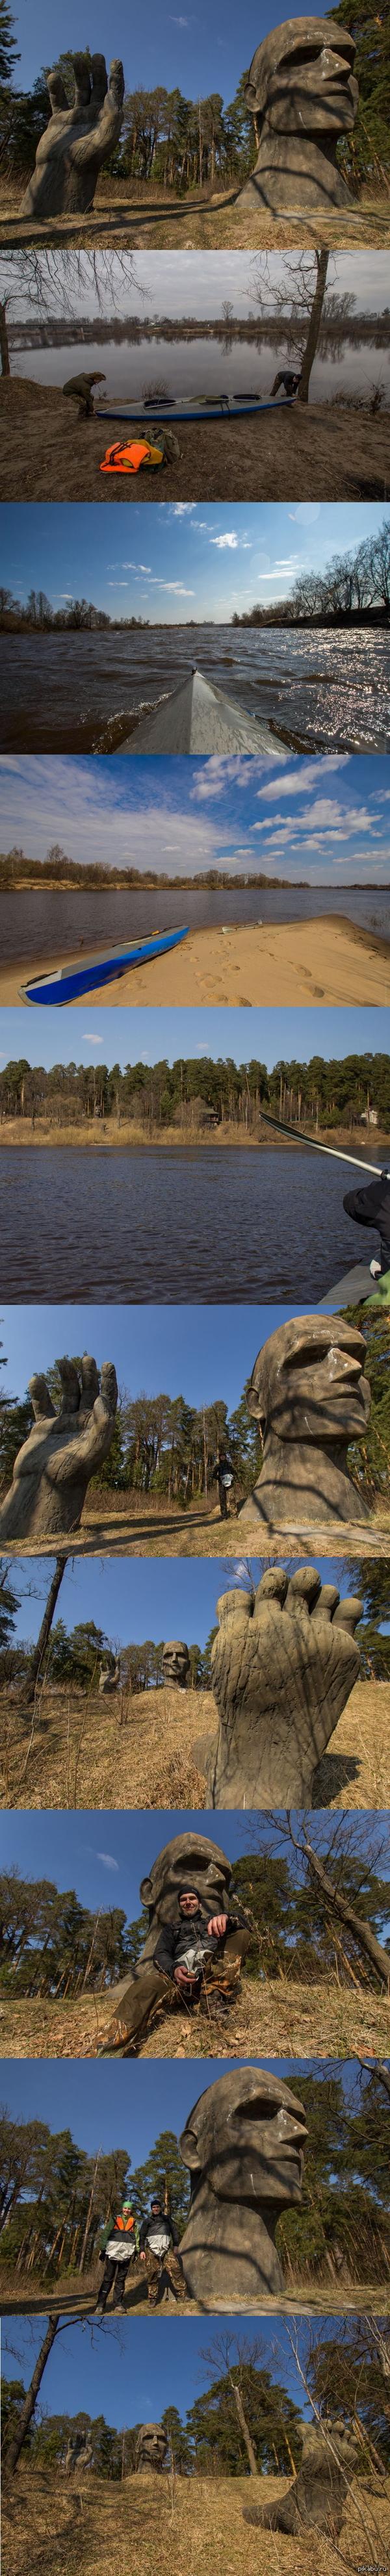 МОАИ Колокшинского Уезда От автора: - Вот такую статую обнаружили на берегу Клязьмы во время водного похода.